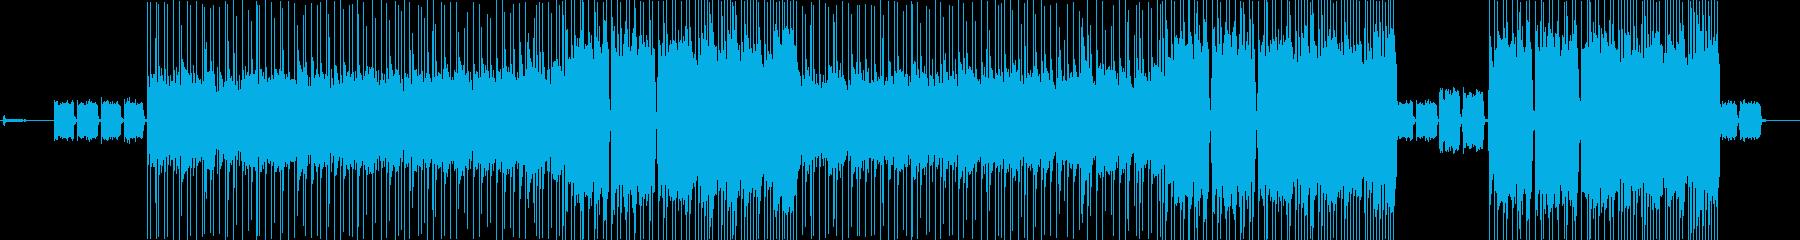 ポップ 説明的 繰り返しの 楽しげ...の再生済みの波形